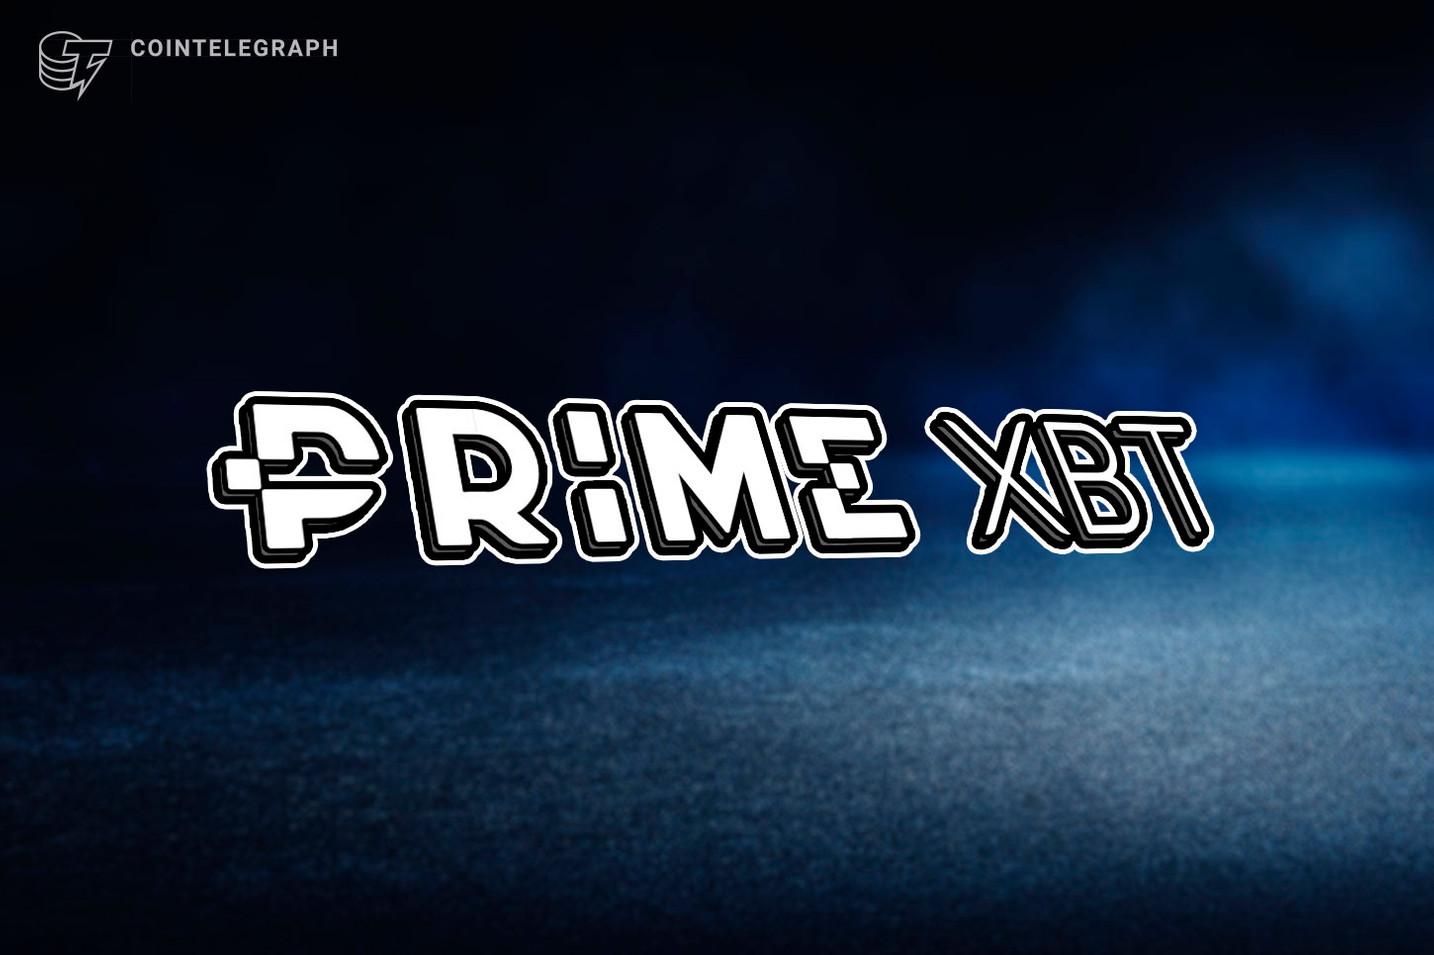 PrimeXBT anuncia parceria com CEX.IO Direct para oferecer depósitos com cartão de credito